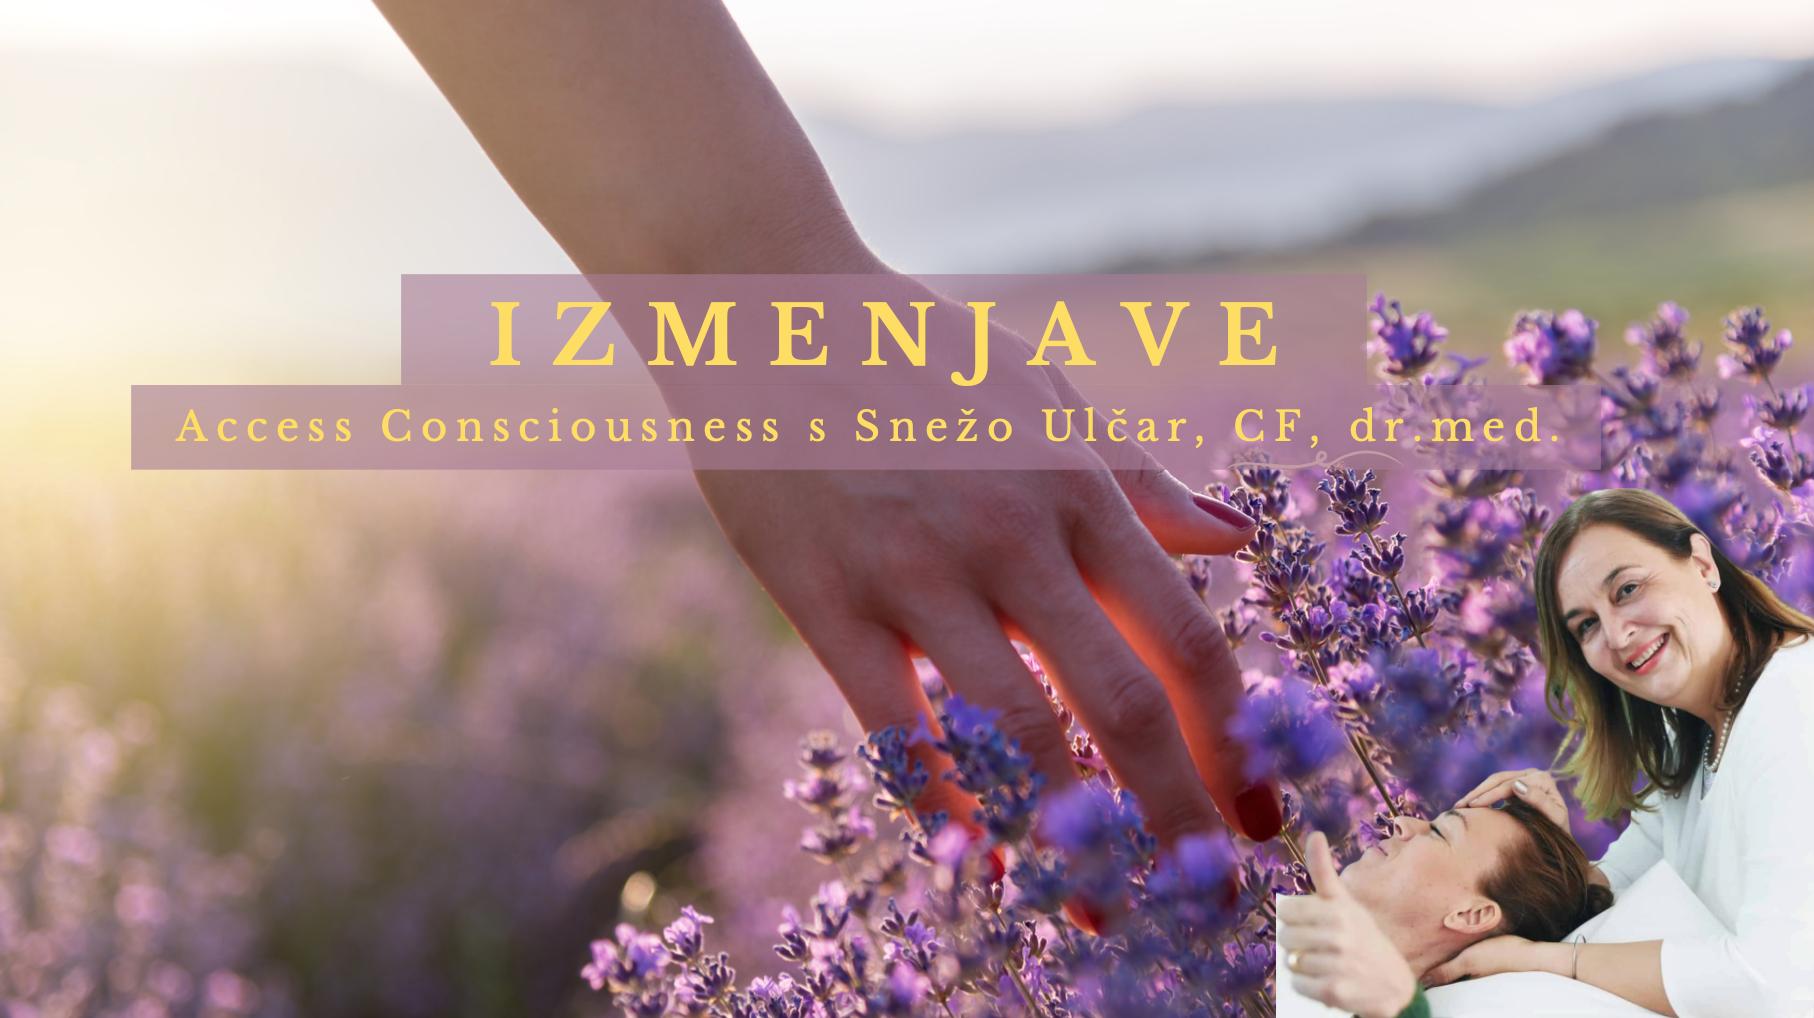 Access Consciousness izmenjave v Kranju